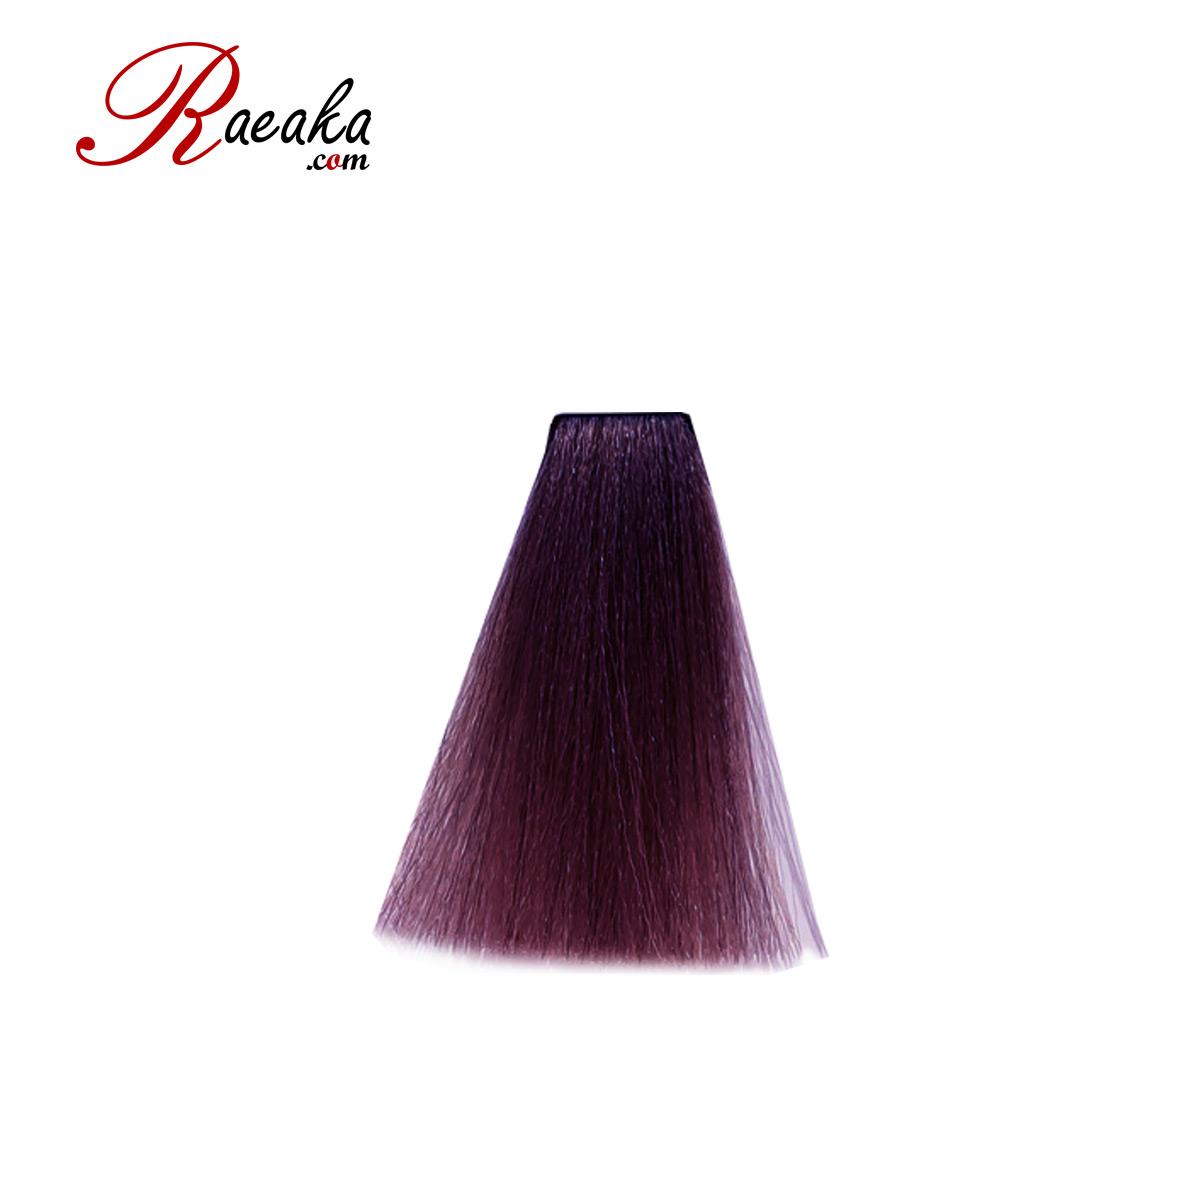 رنگ مو دوشس سری شرابی شماره 20-5 حجم 125 میلی لیتر